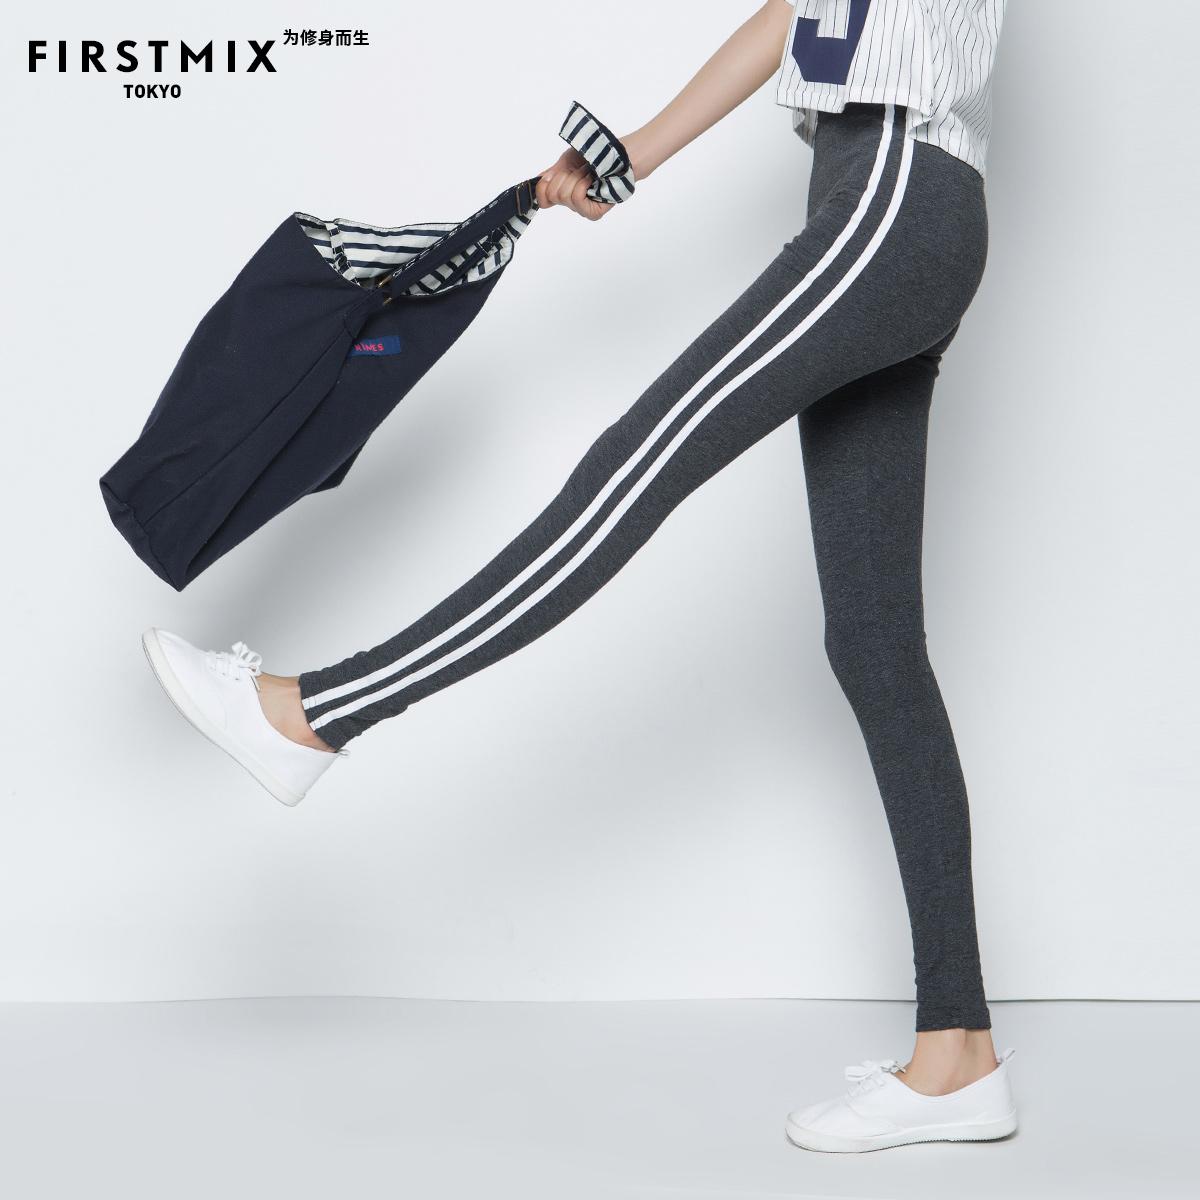 FIRSTMIX打底裤 新款条纹休闲运动长裤 韩版显瘦秋季薄款aAiE96